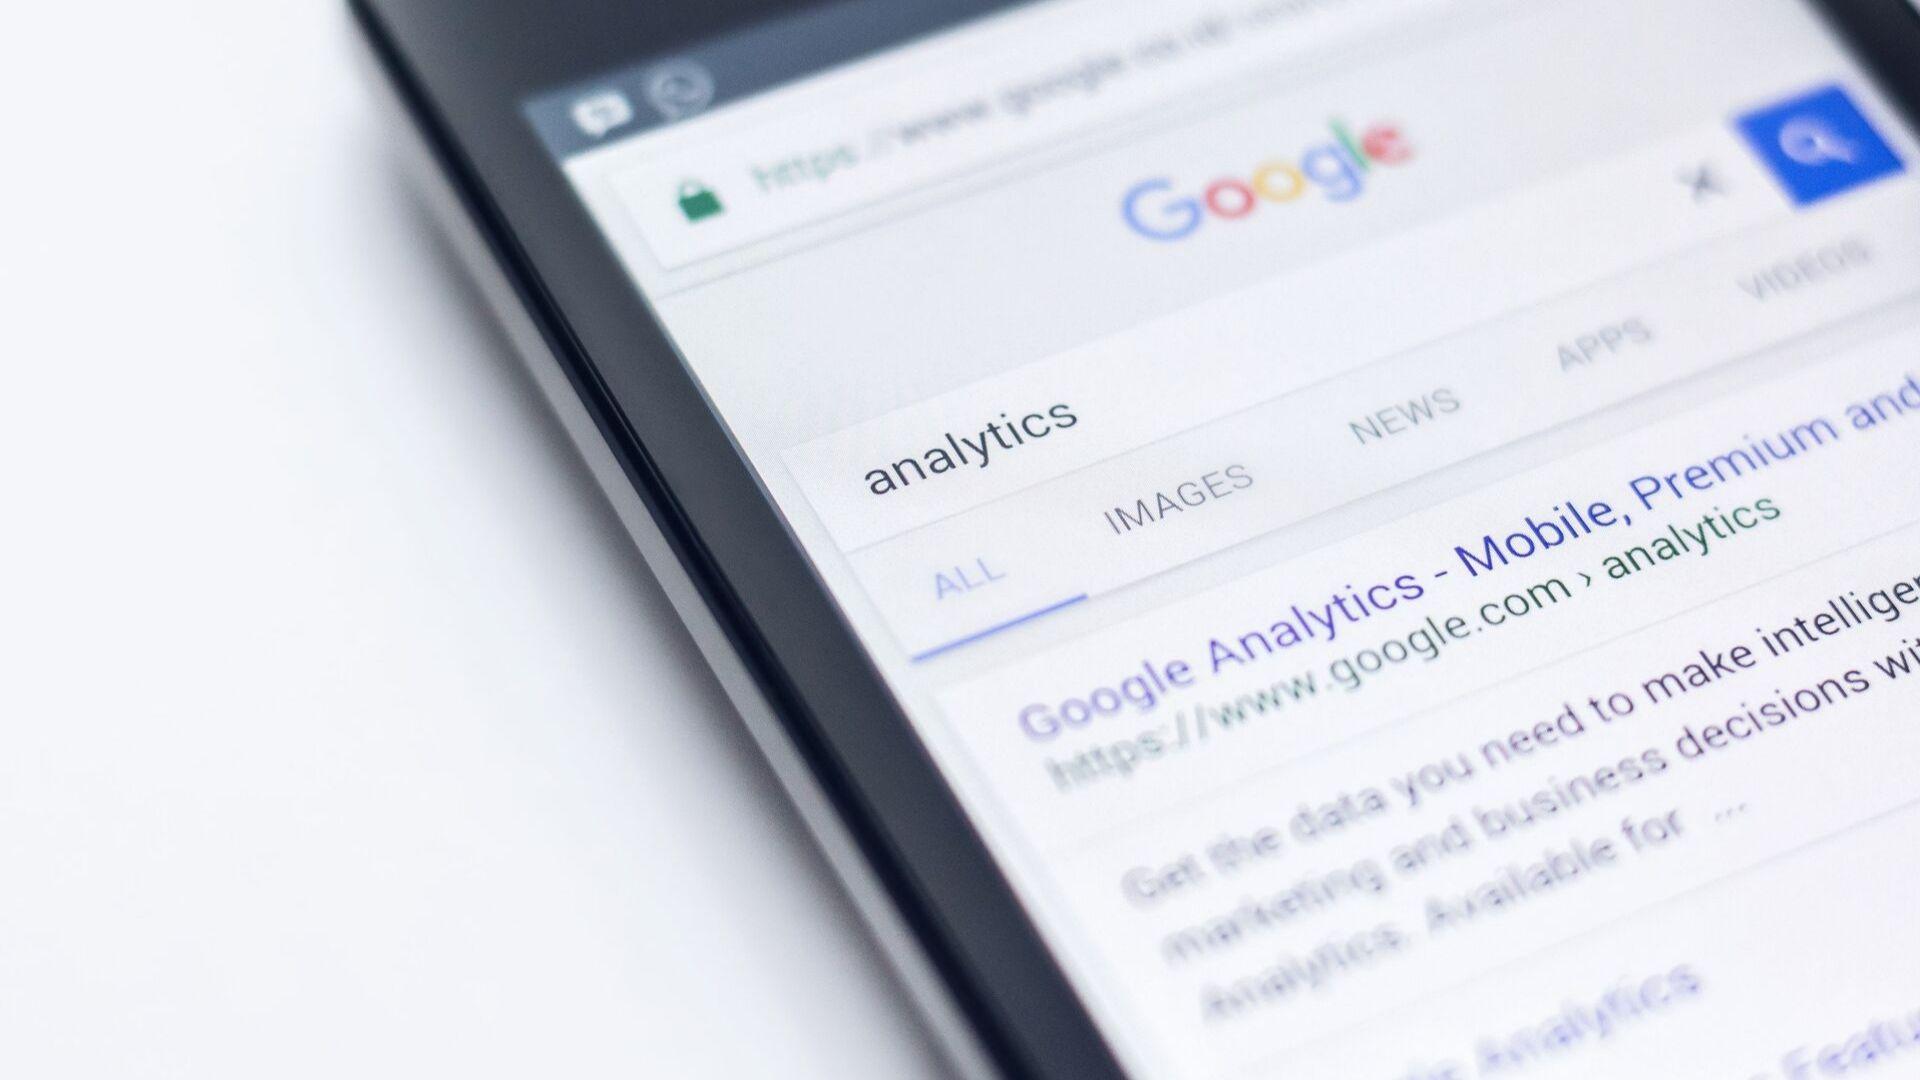 TEDs da OAB autorizam Escritórios a comprar Anúncio no Google Ads